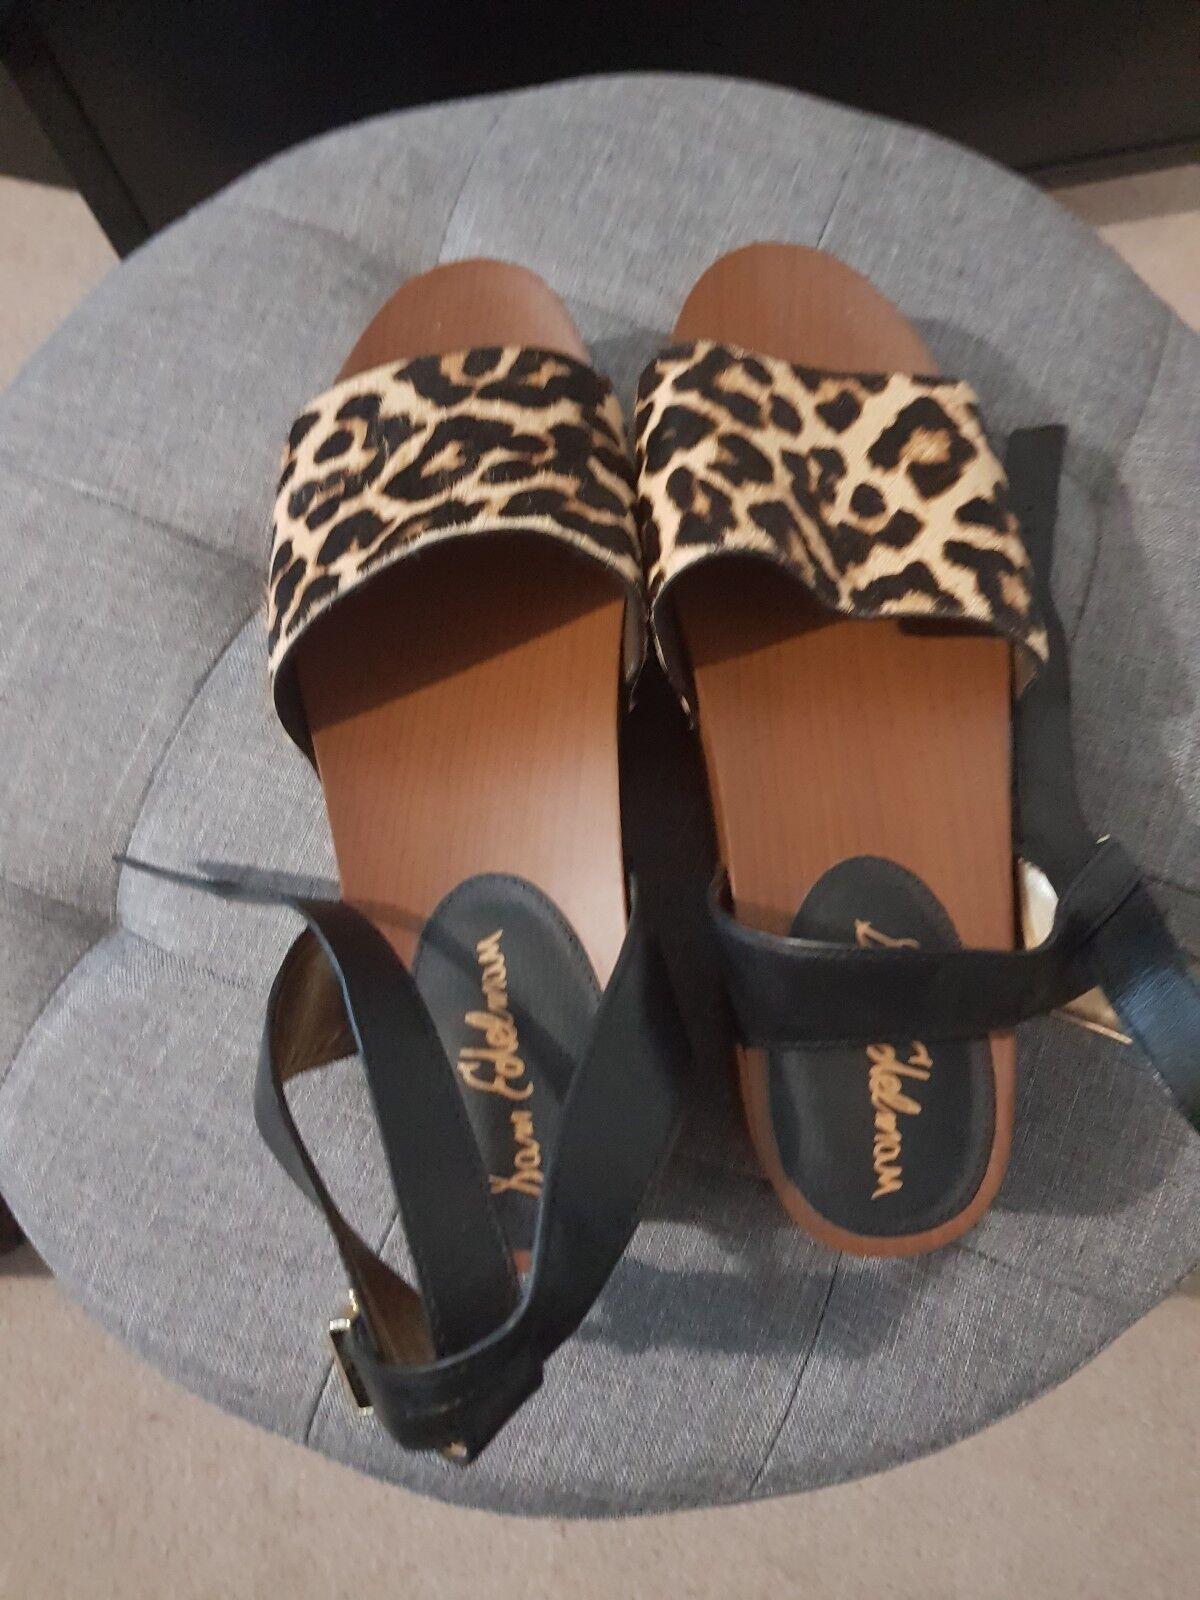 Nuevo-Con Estilo Sam Edelman Zapatos Leopardo Leopardo Leopardo Impresión-US 8.5 -  connotación de lujo discreta